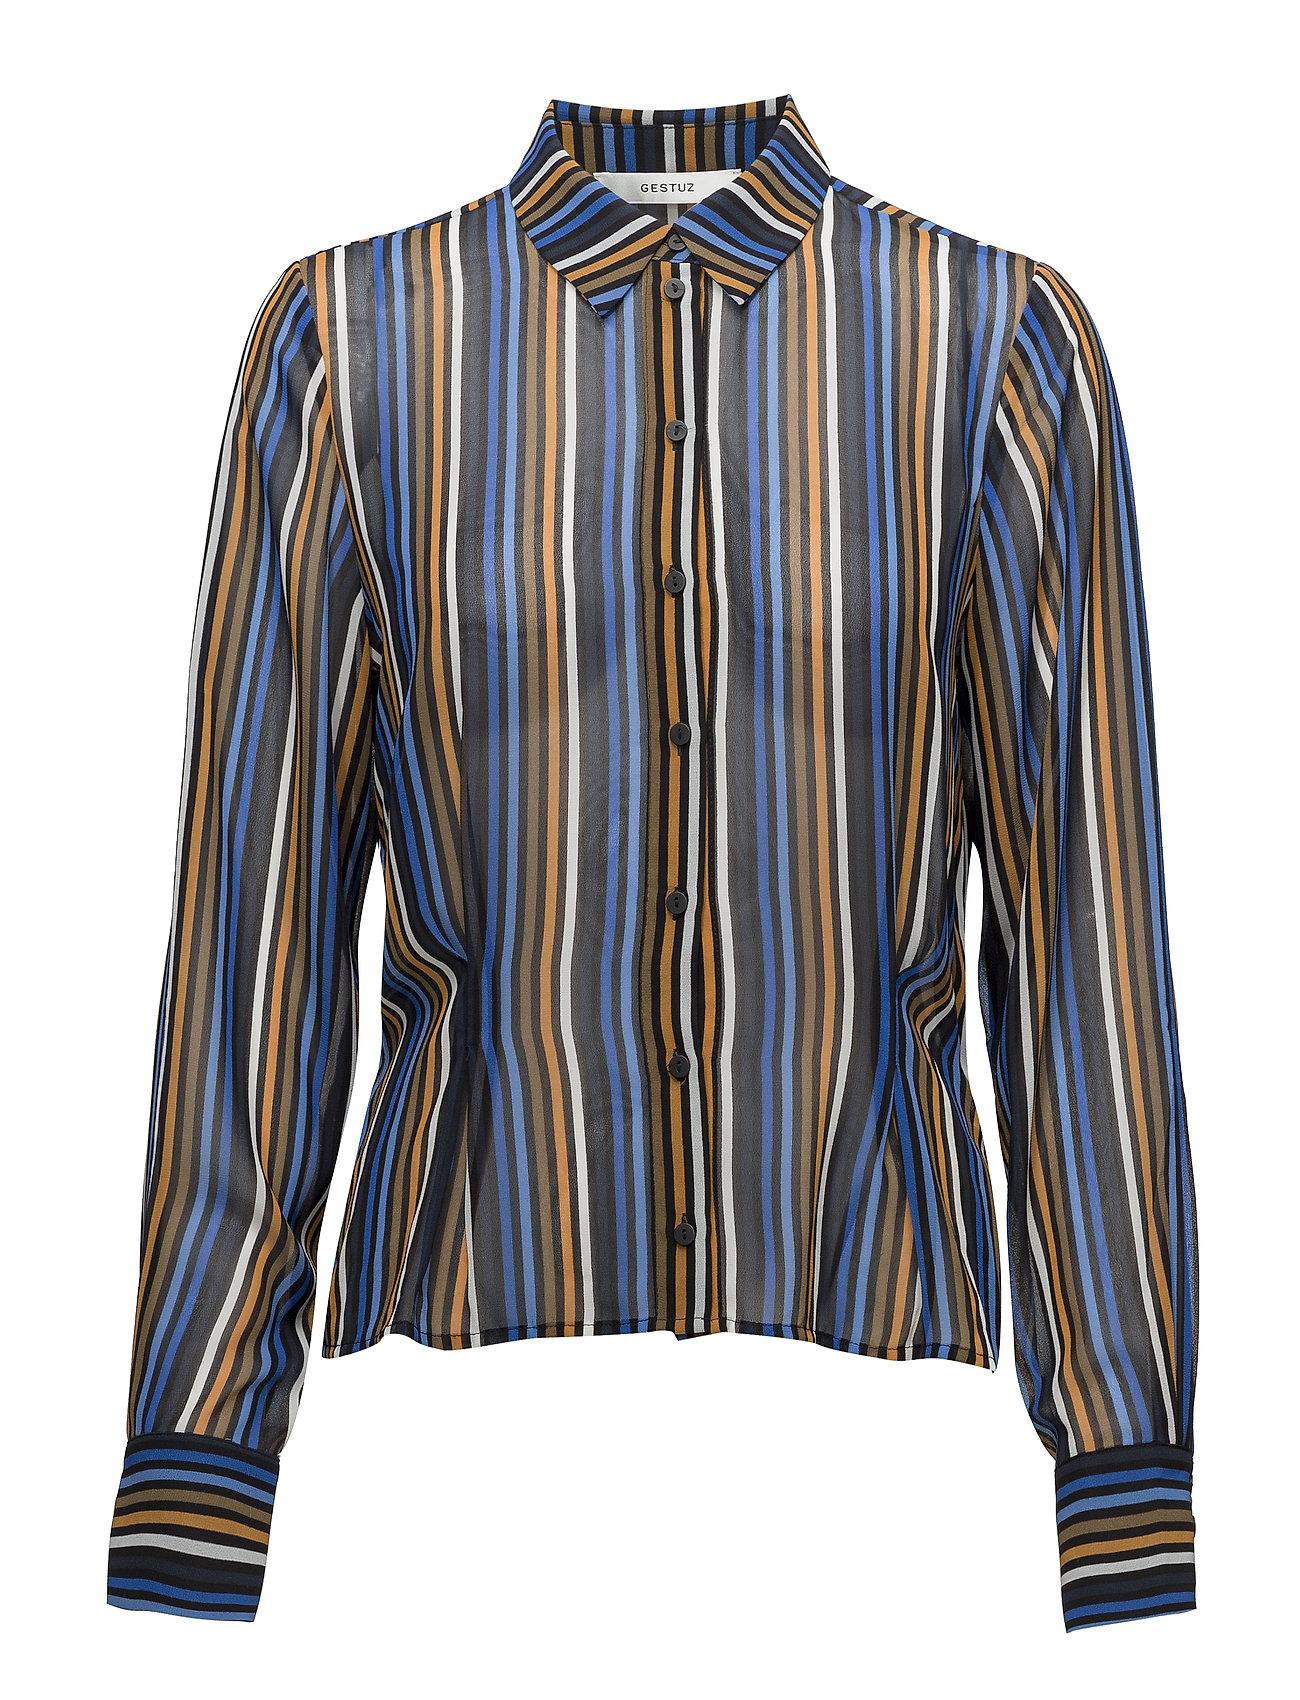 Gestuz Riba shirt MA18 Ögrönlar